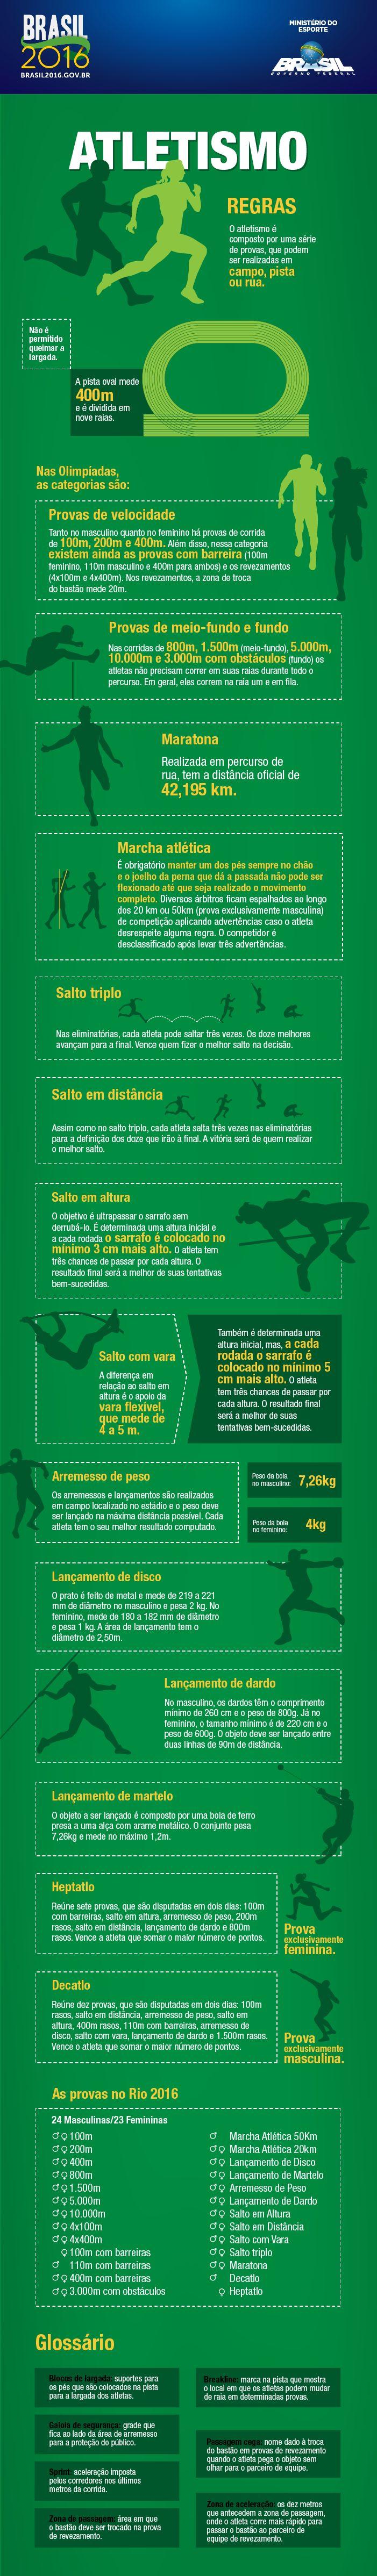 infografico_atletismook-01.png